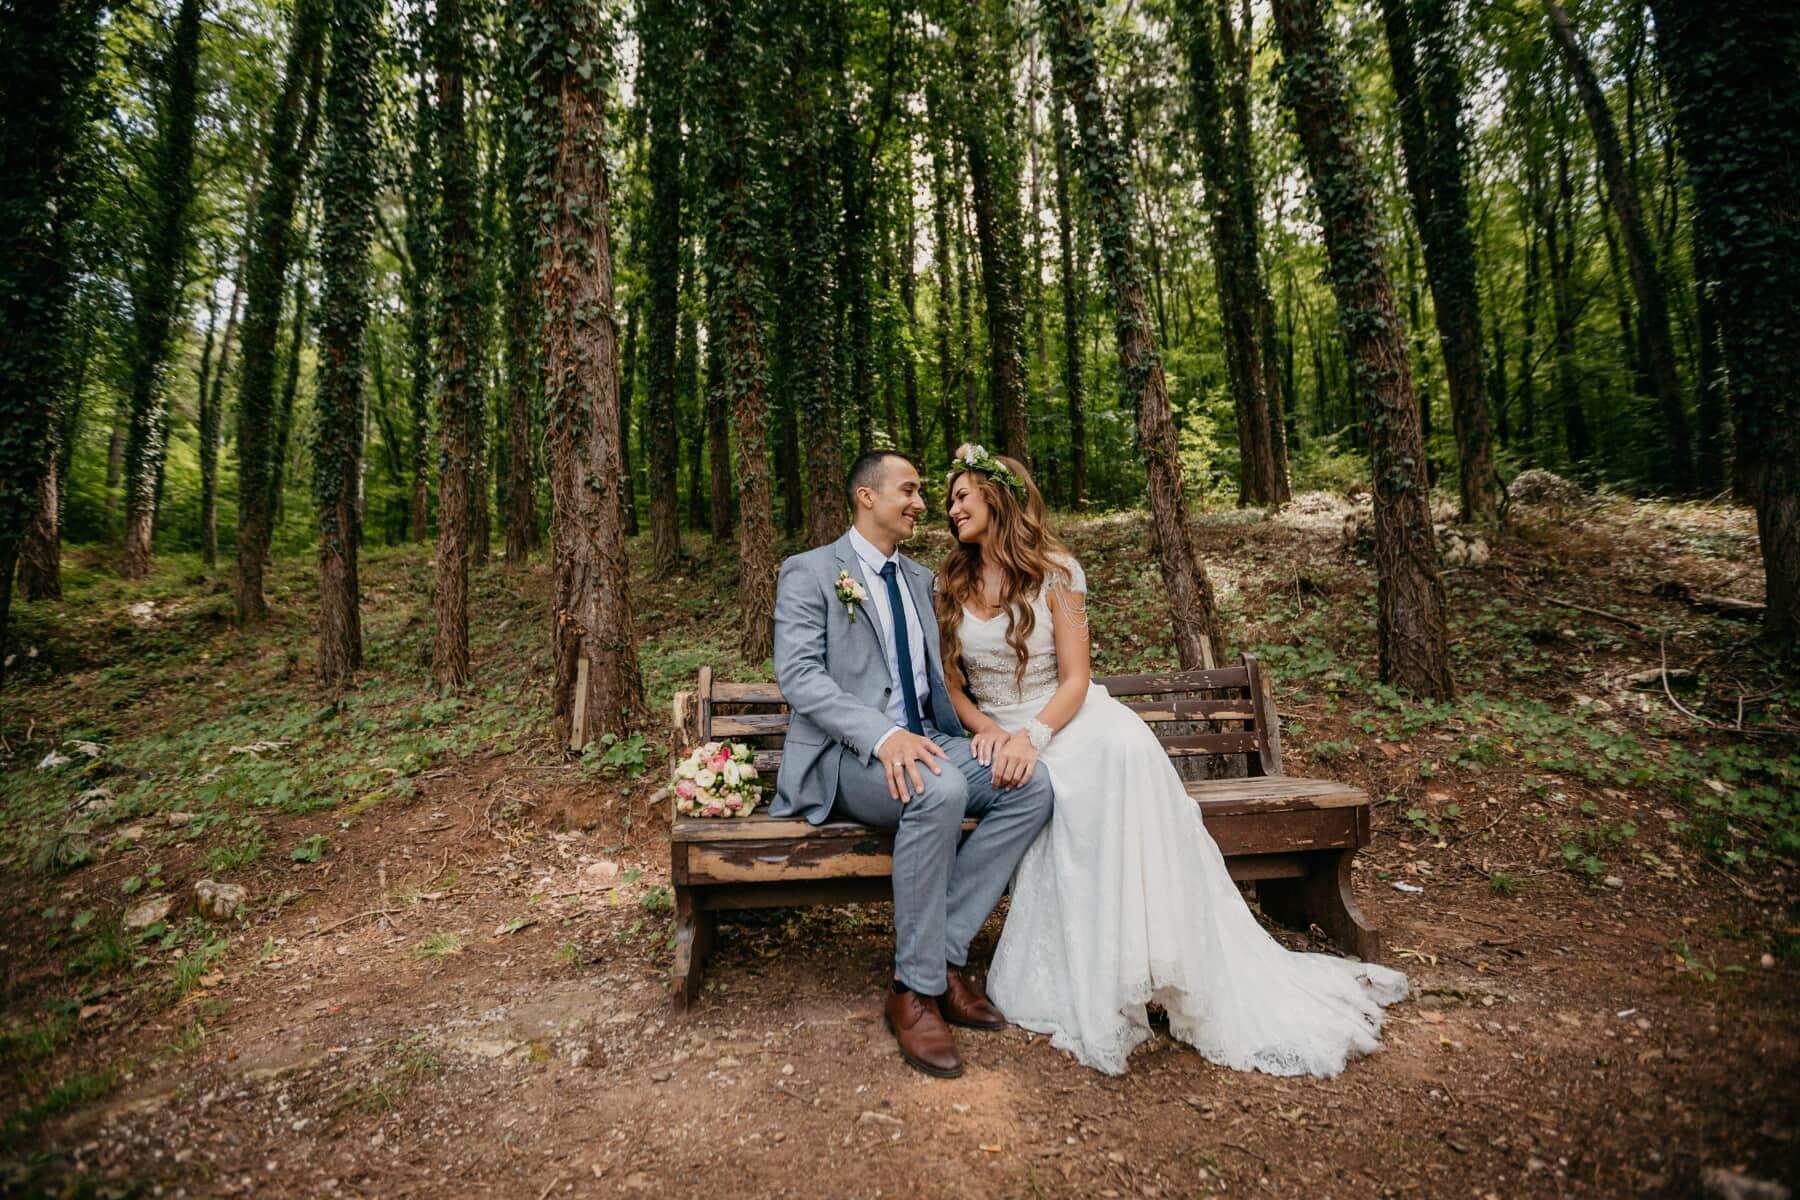 sposo, sposa, foresta, strada forestale, Panca, seduta, ragazza, coppia, albero, legno